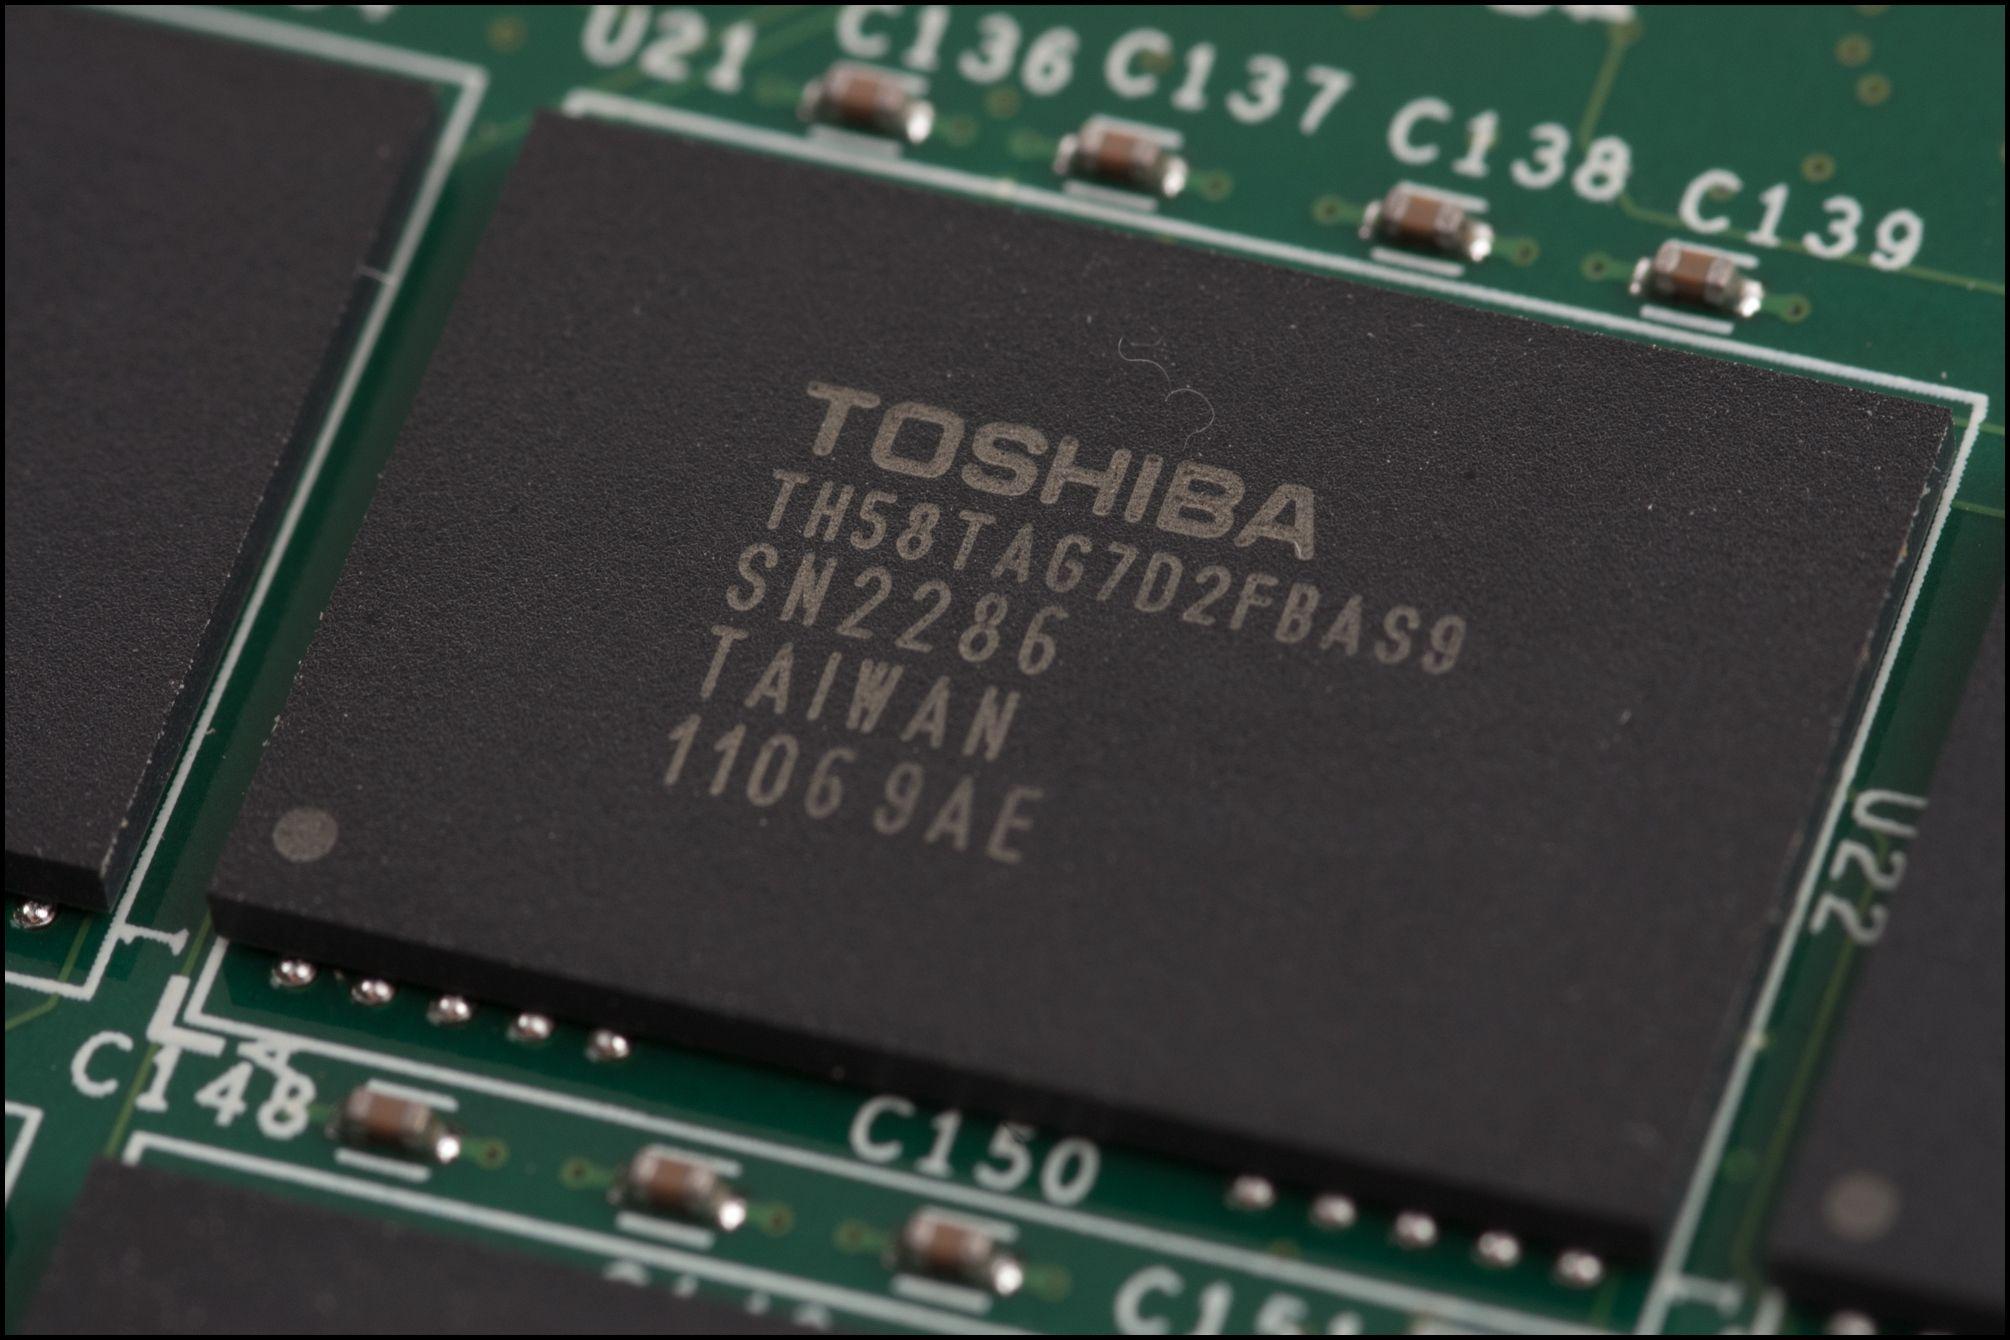 Minnebrikker fra Toshiba